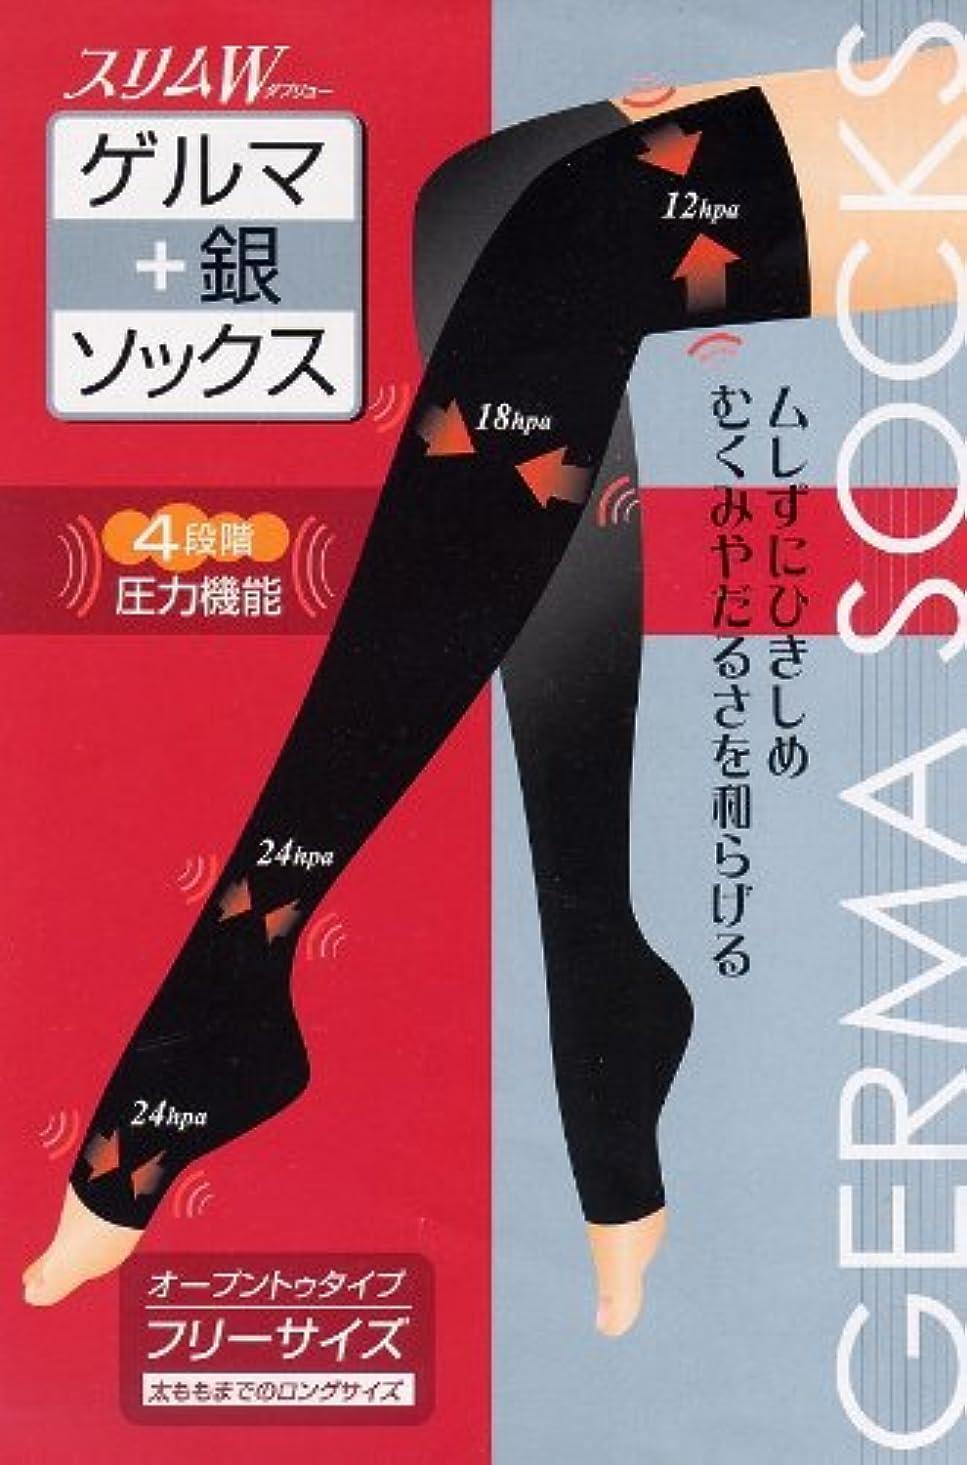 気質所持クラッシュスラットスリムダブリュー ゲルマ+銀ソックス (フリーサイズロングソックス)美脚を目指す貴方に!日本製